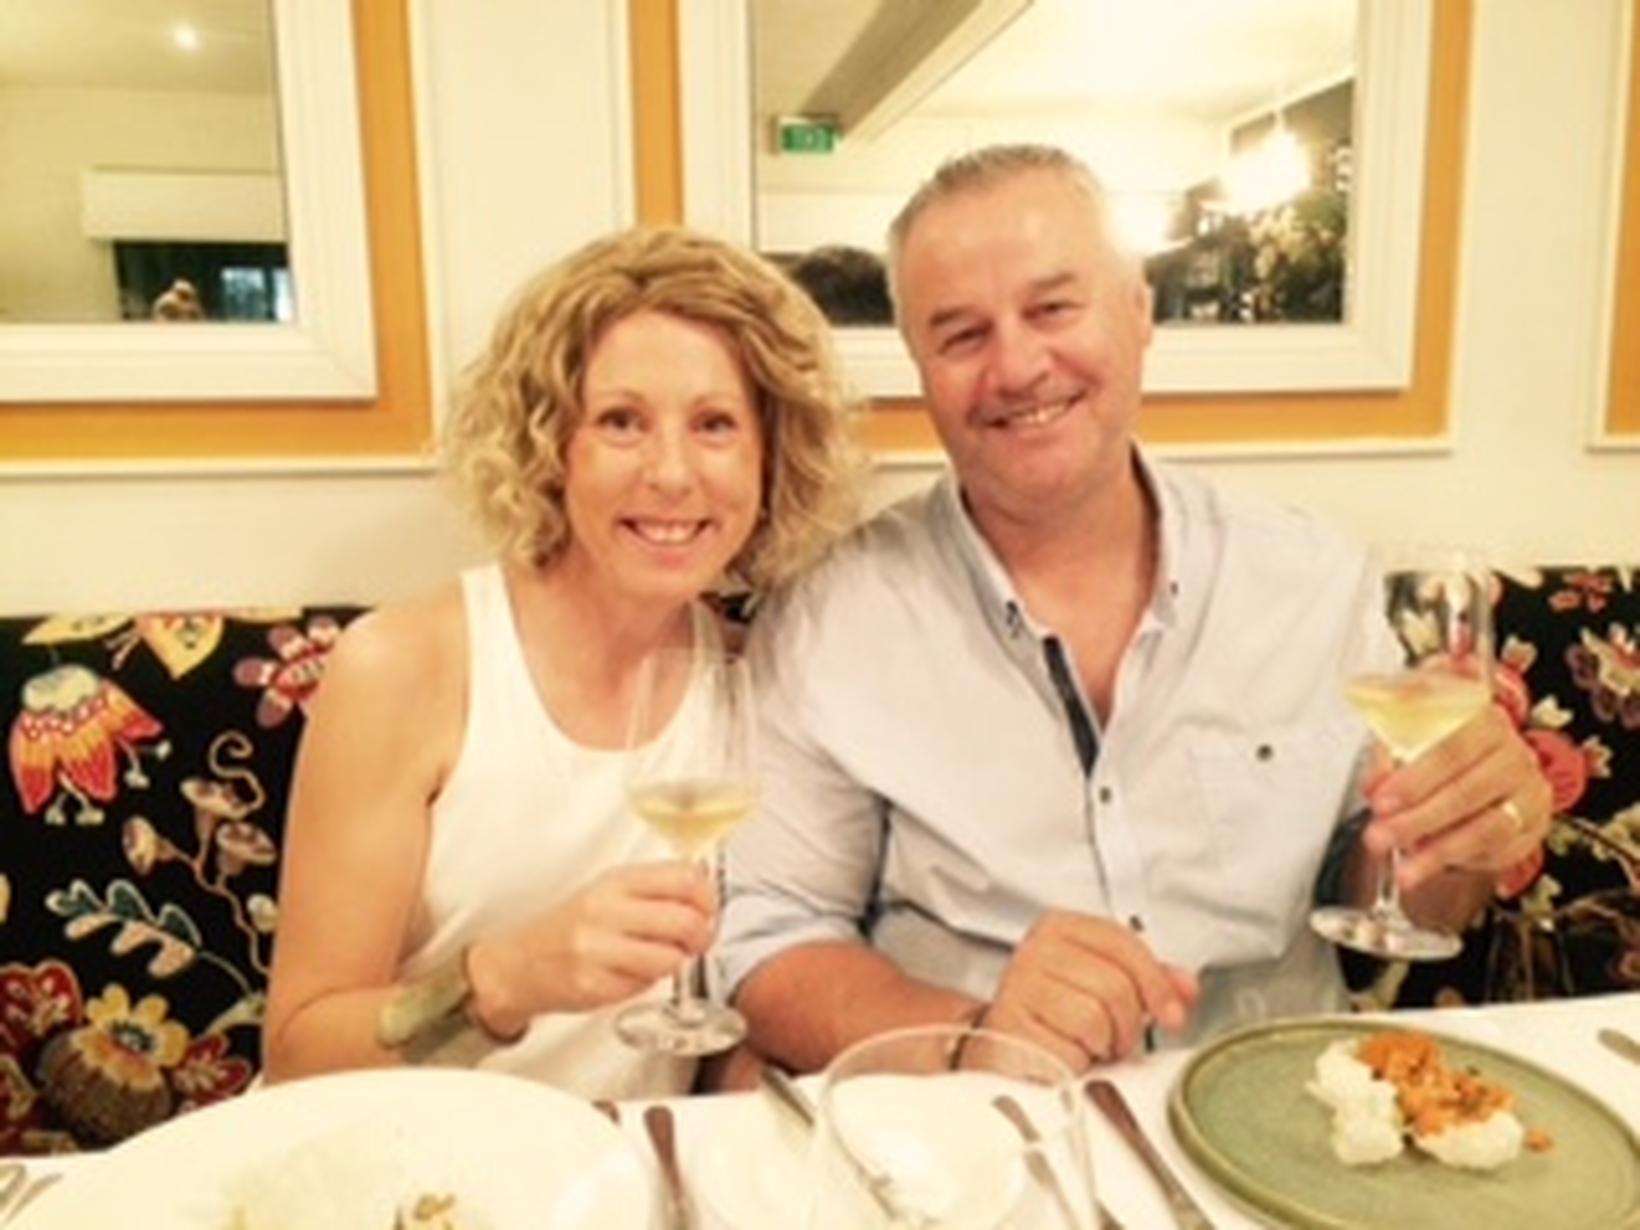 Nigel & Jo from Canberra, Australian Capital Territory, Australia